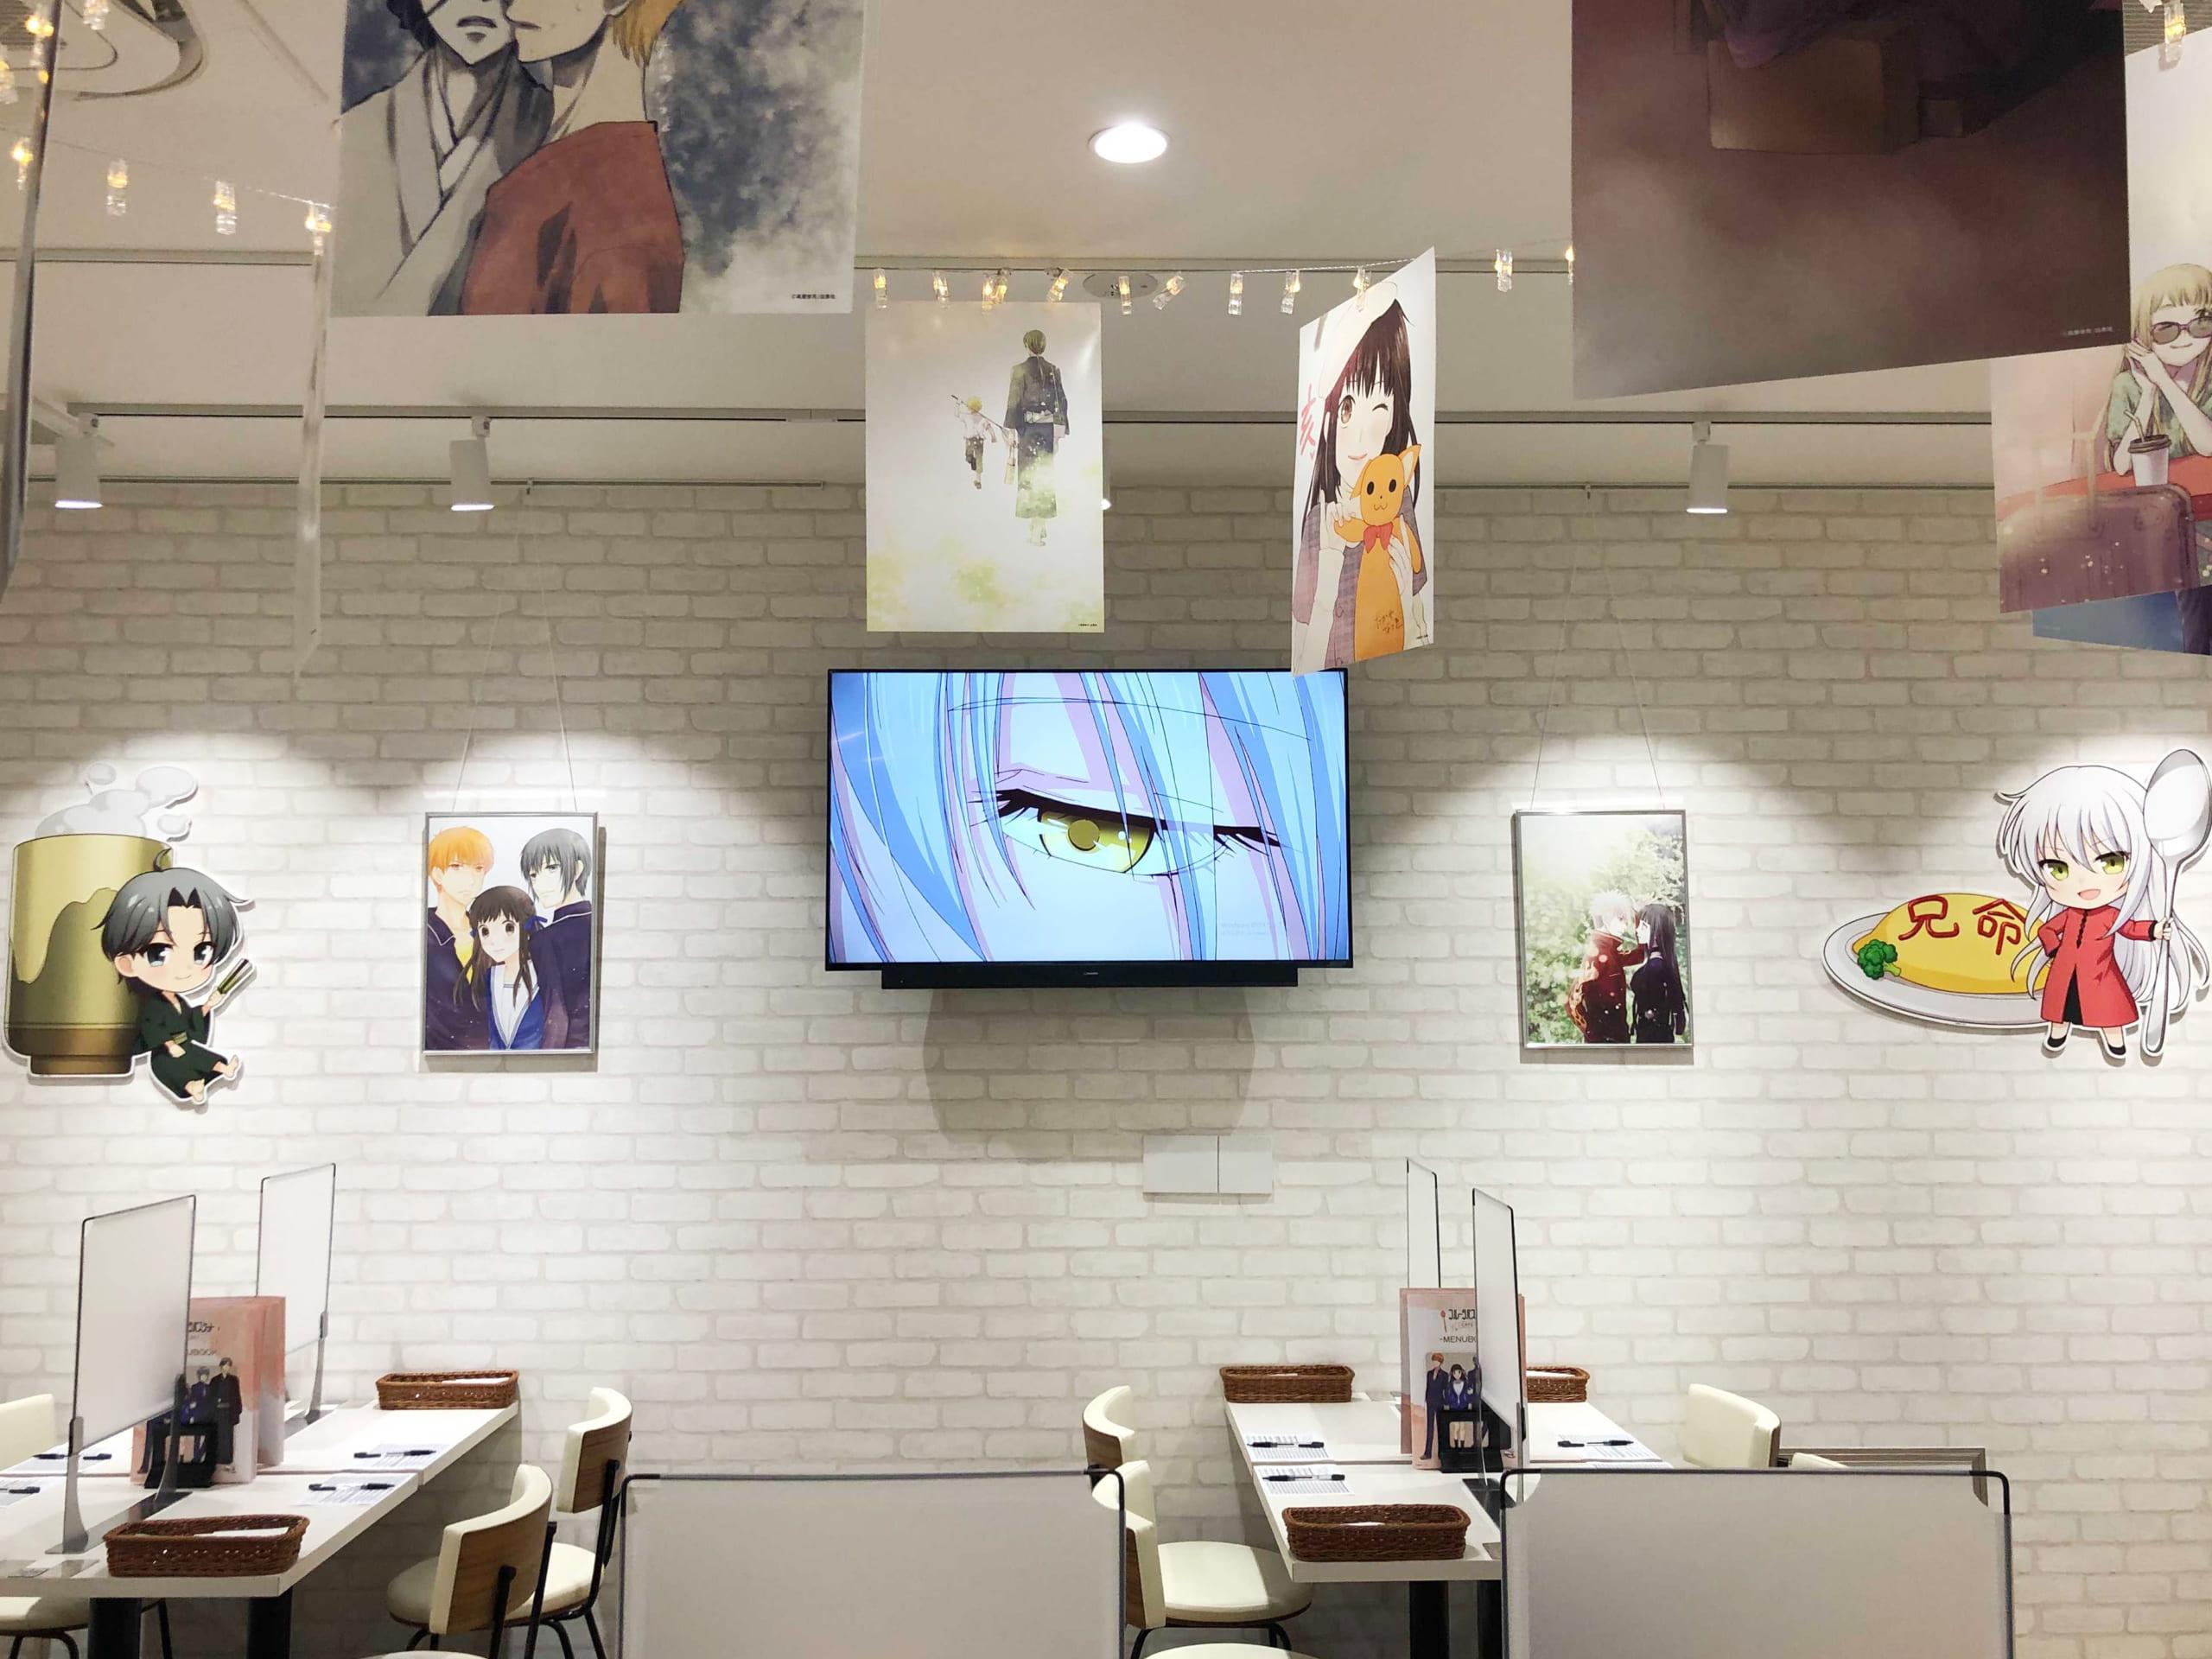 「フルーツバスケットCAFE」オフィシャル素材・店内装飾モニター